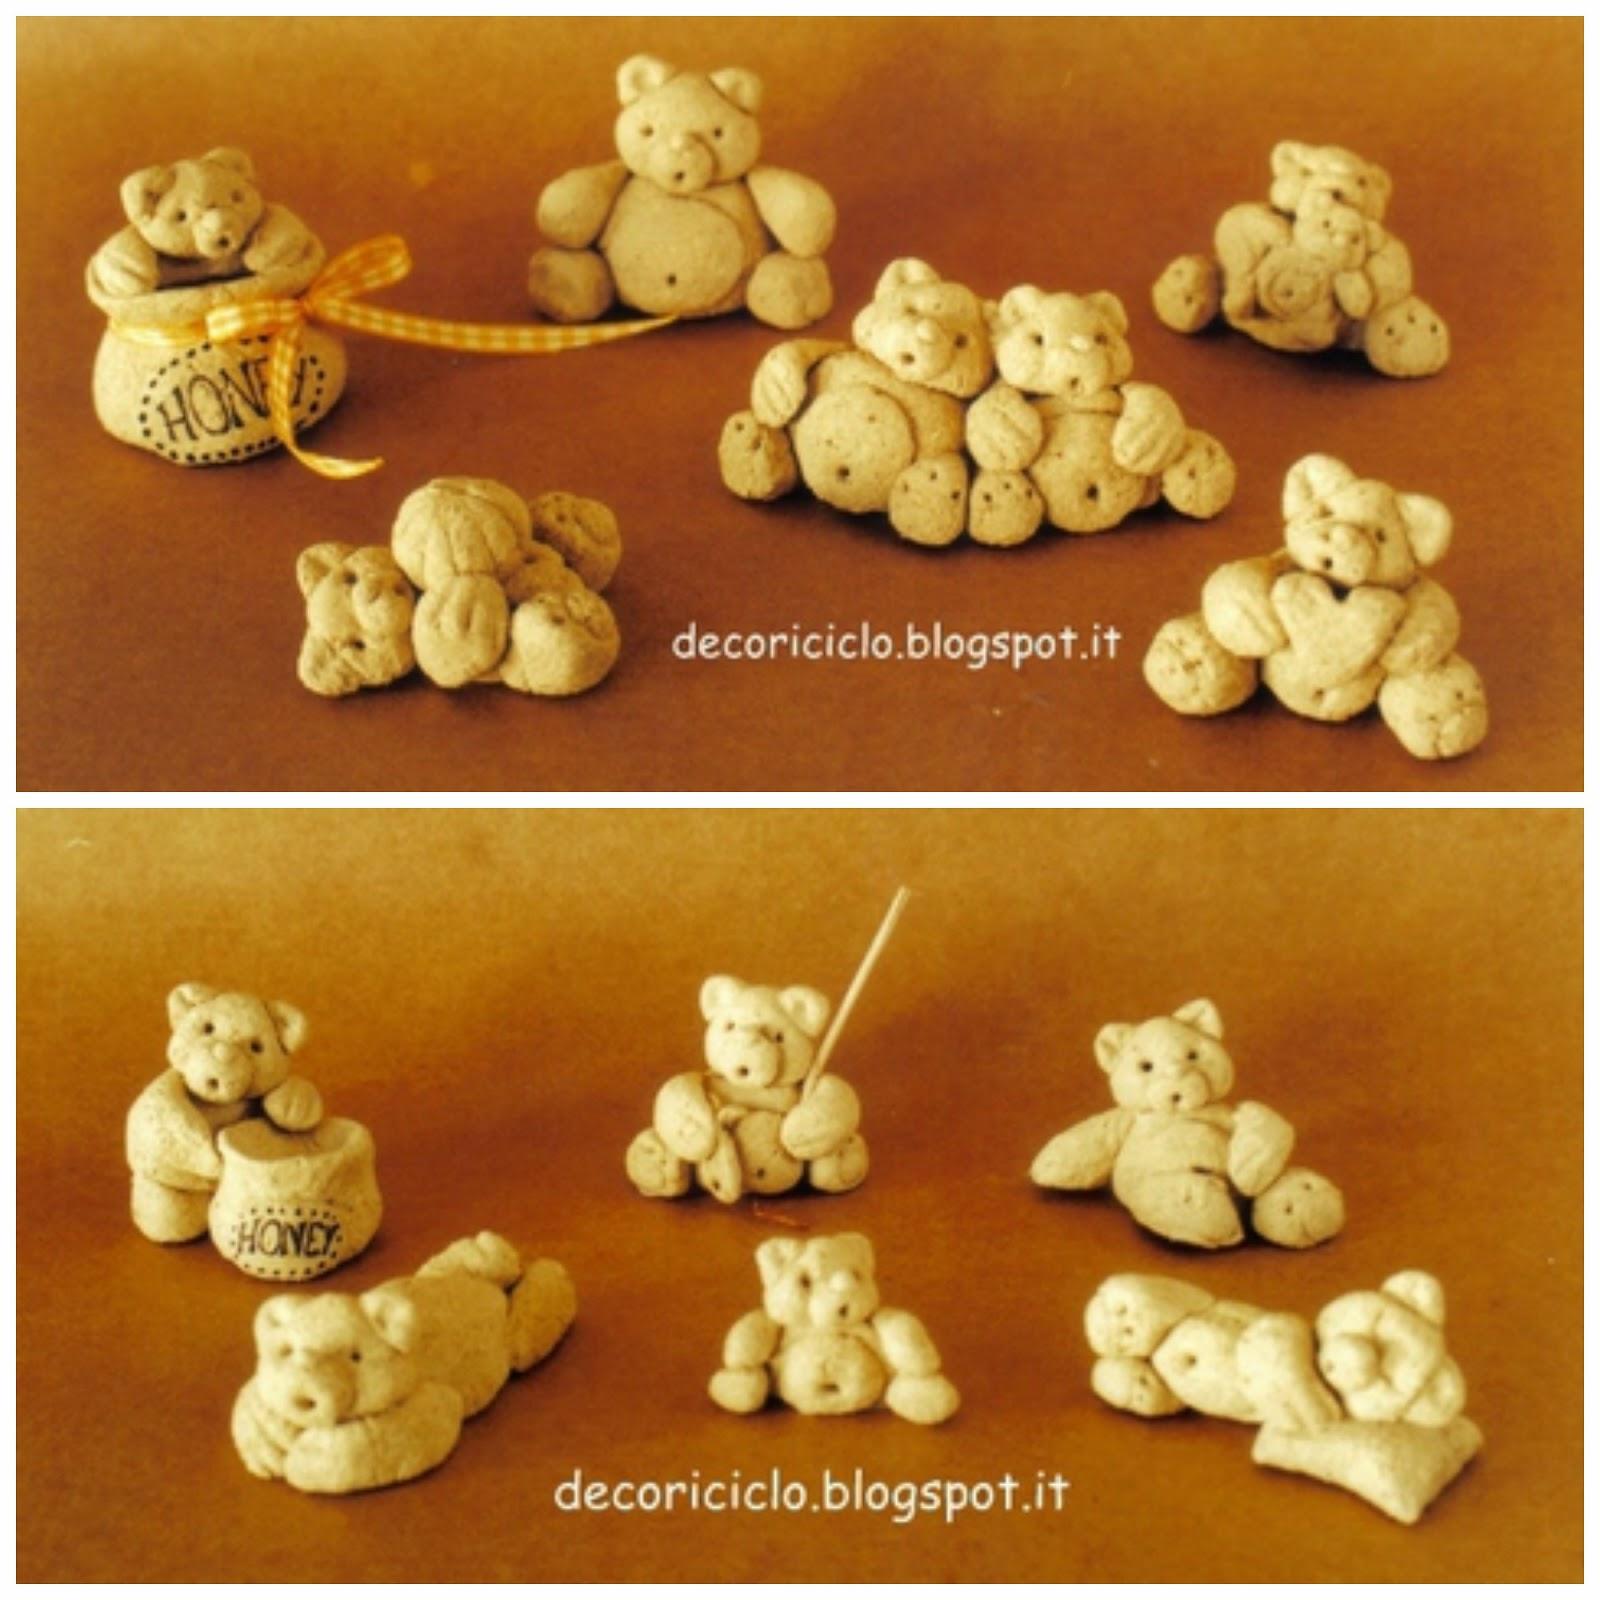 Decoriciclo Paste Modellabili Fai Da Te Raccolta Di 4 Ricette